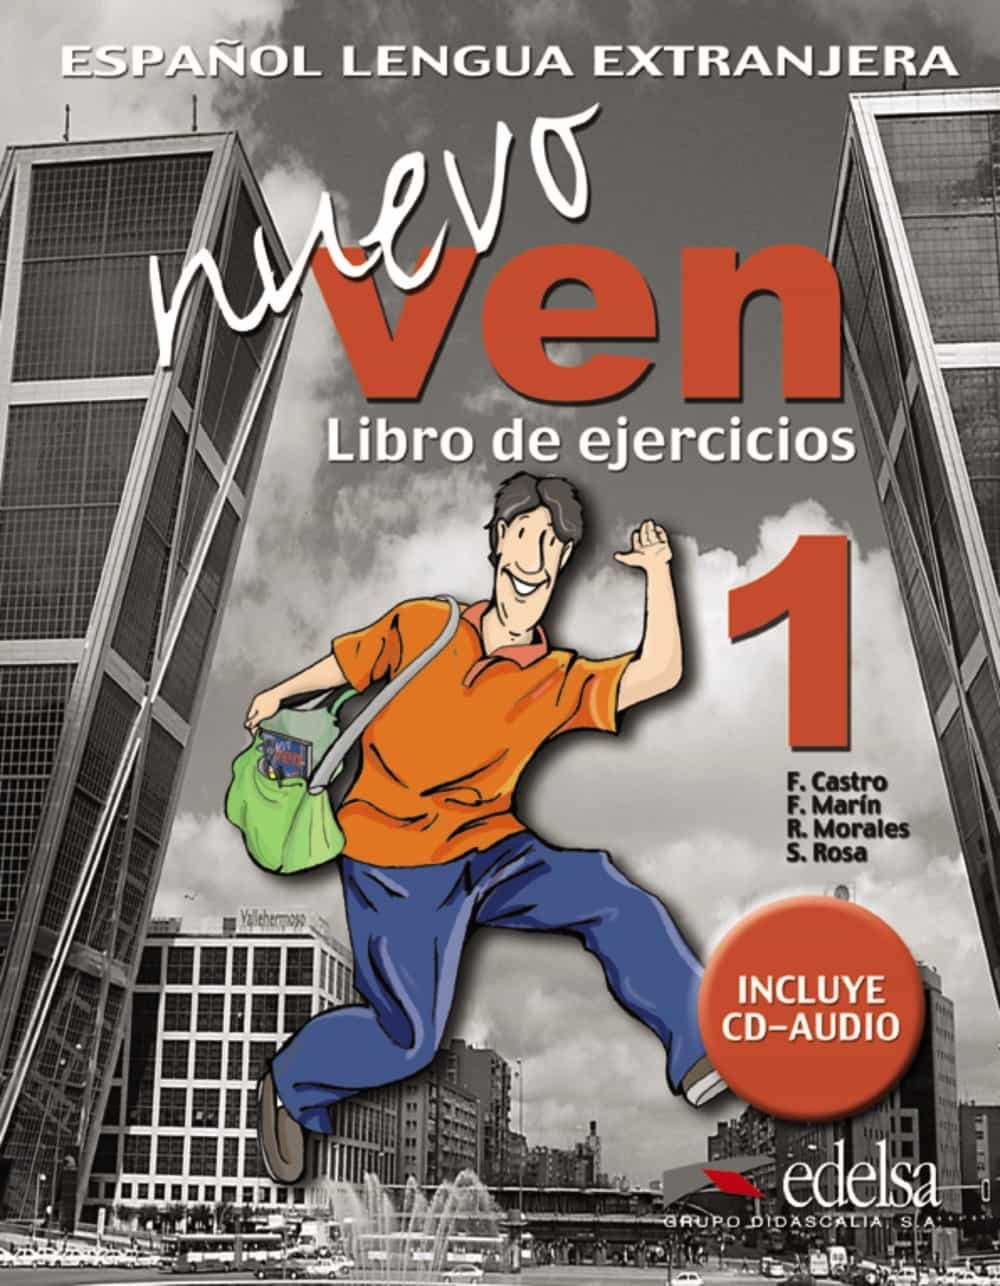 Español Lengua Extranjera: Nuevo Ven Libro De Ejercicios 1 Incluye Cd Audio por Francisca Castro;                                                                                    F. Marin epub